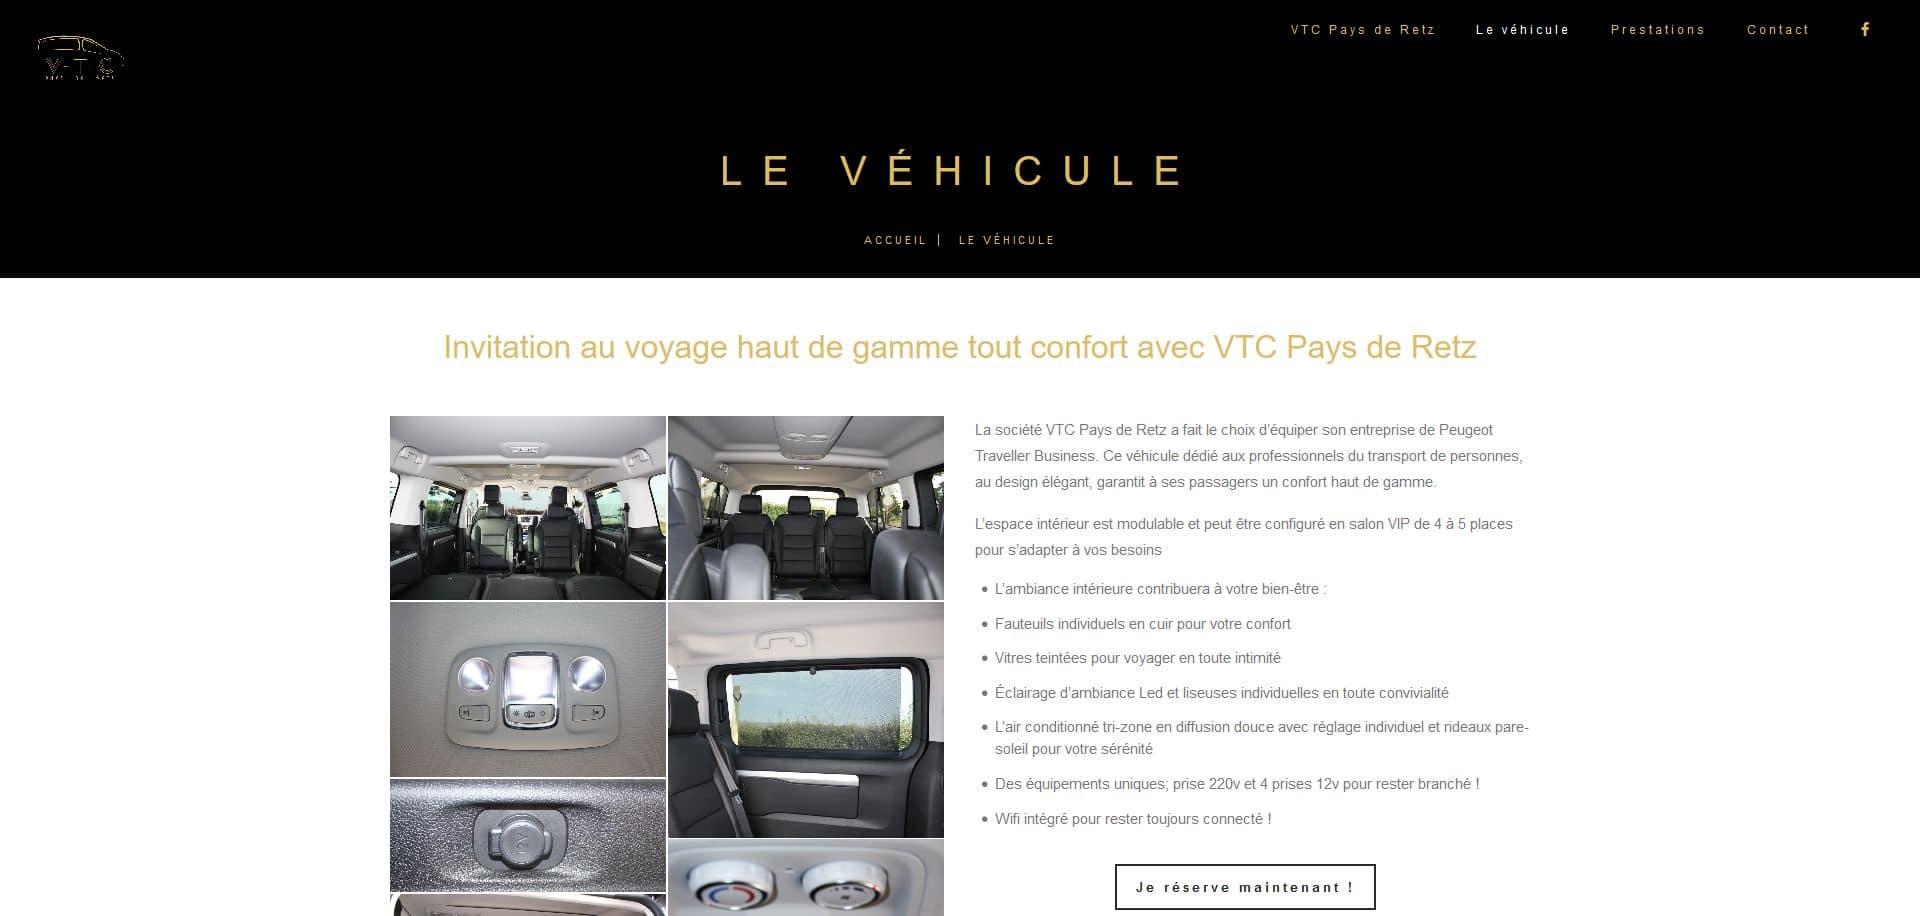 vtc-pays-de-retz-location-voiture-avec-chauffeur-presentation-vehicule